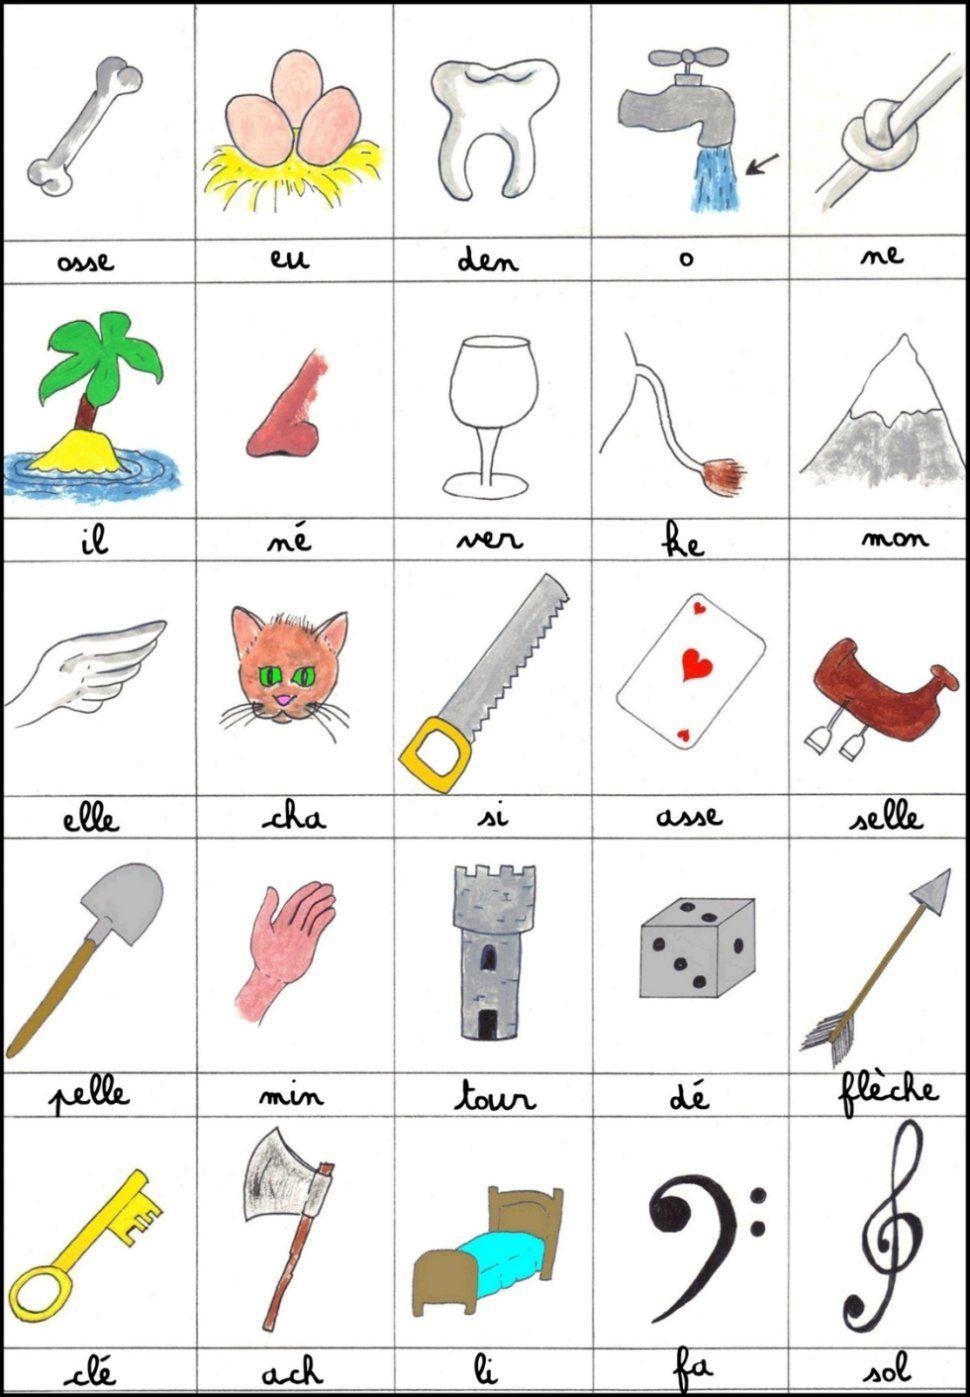 Des Idées D'énigmes Pour Les Enfants | Rebus Enfant, Chasse intérieur Rébus Facile